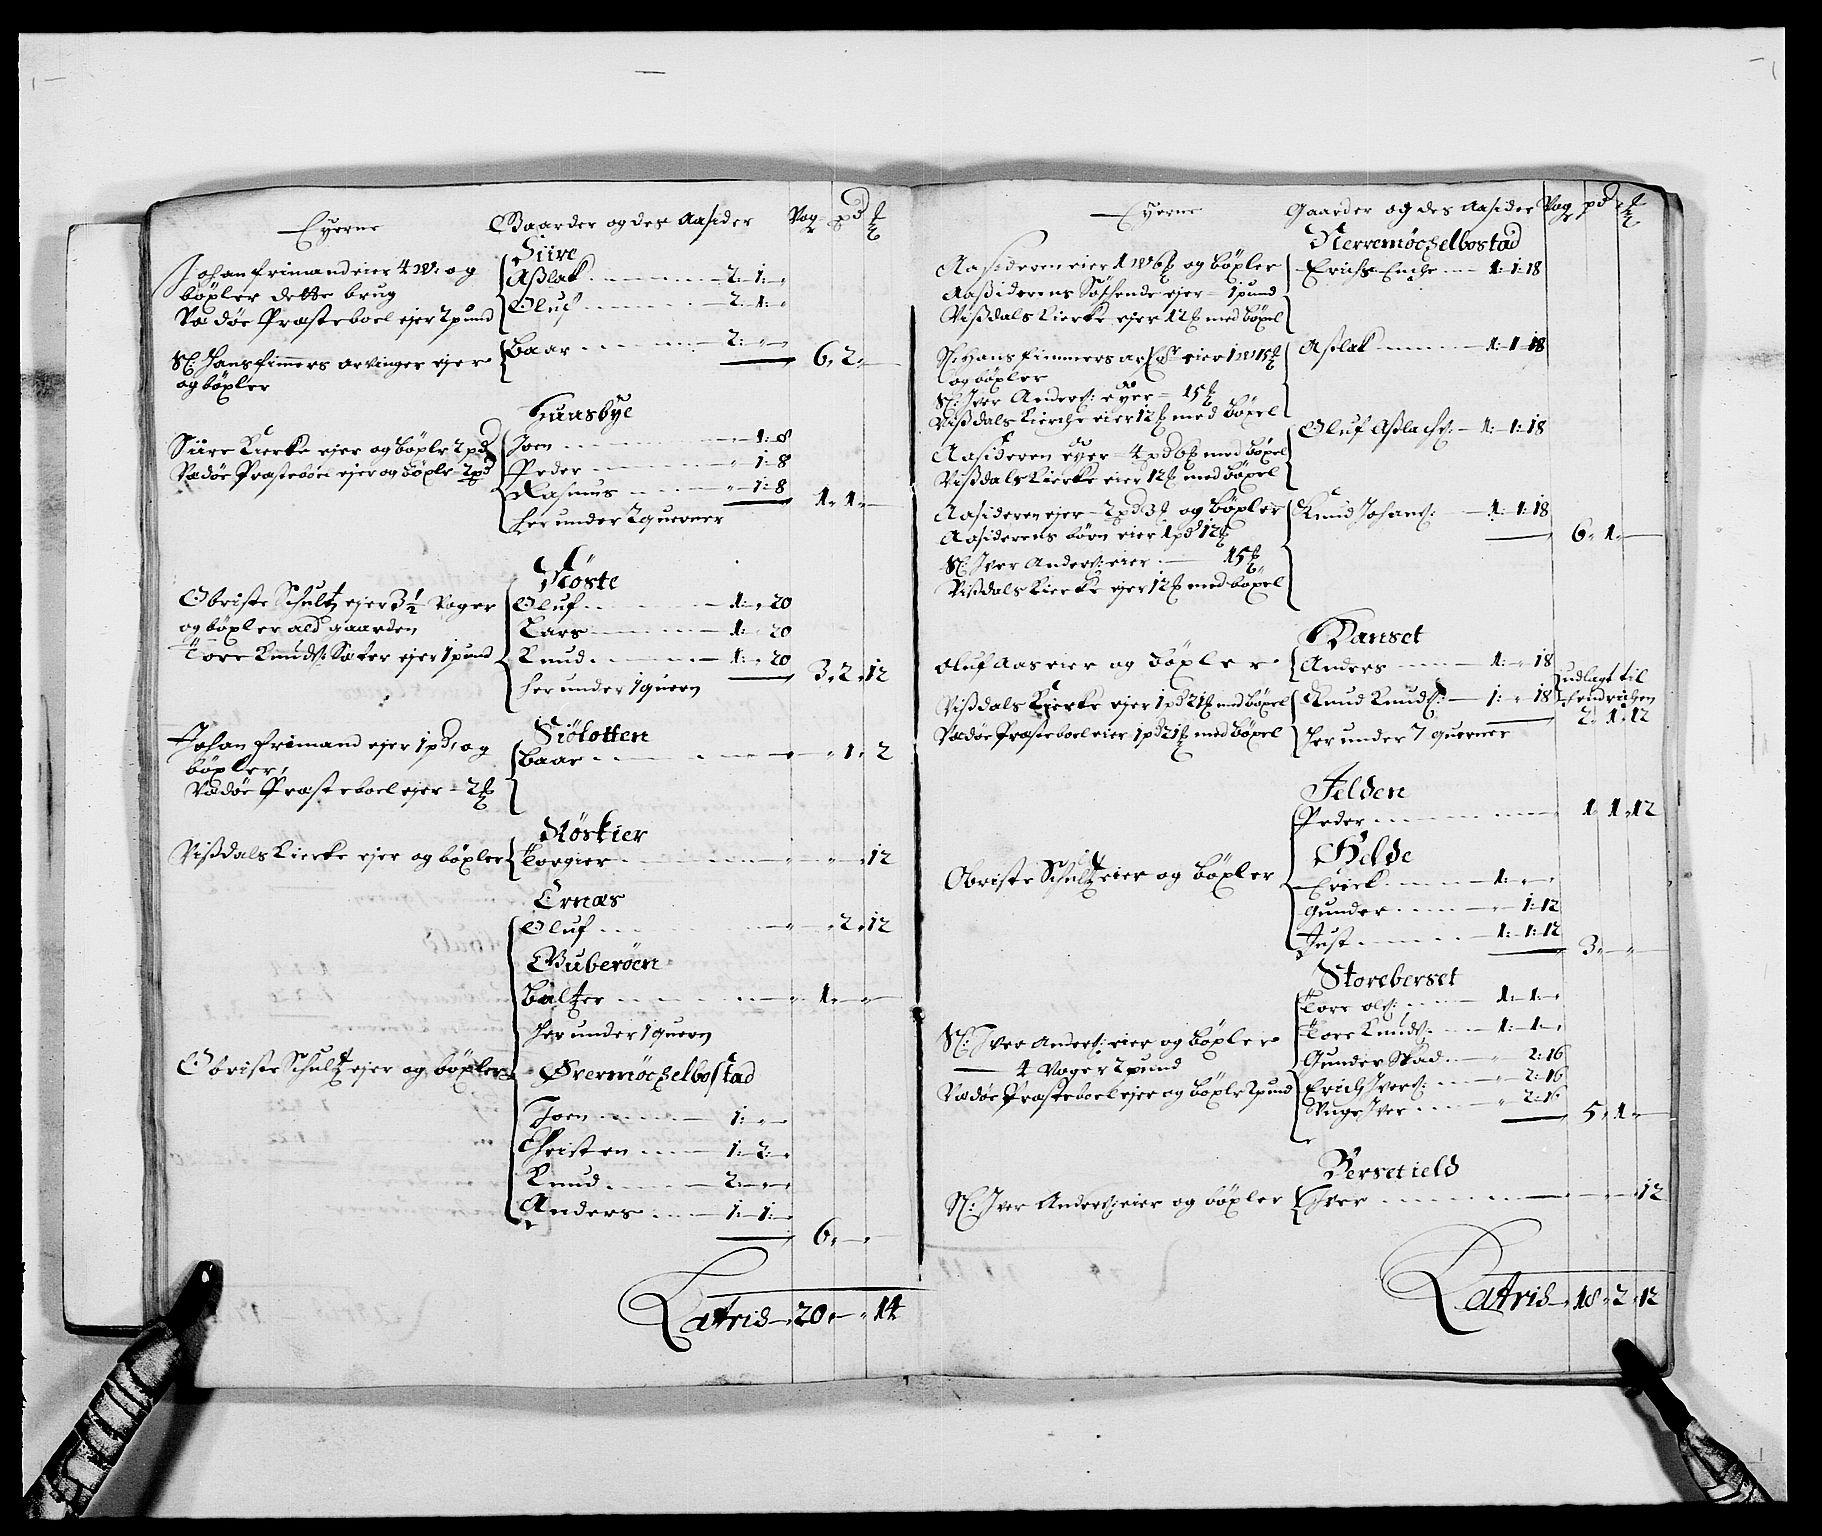 RA, Rentekammeret inntil 1814, Reviderte regnskaper, Fogderegnskap, R55/L3648: Fogderegnskap Romsdal, 1687-1689, s. 17